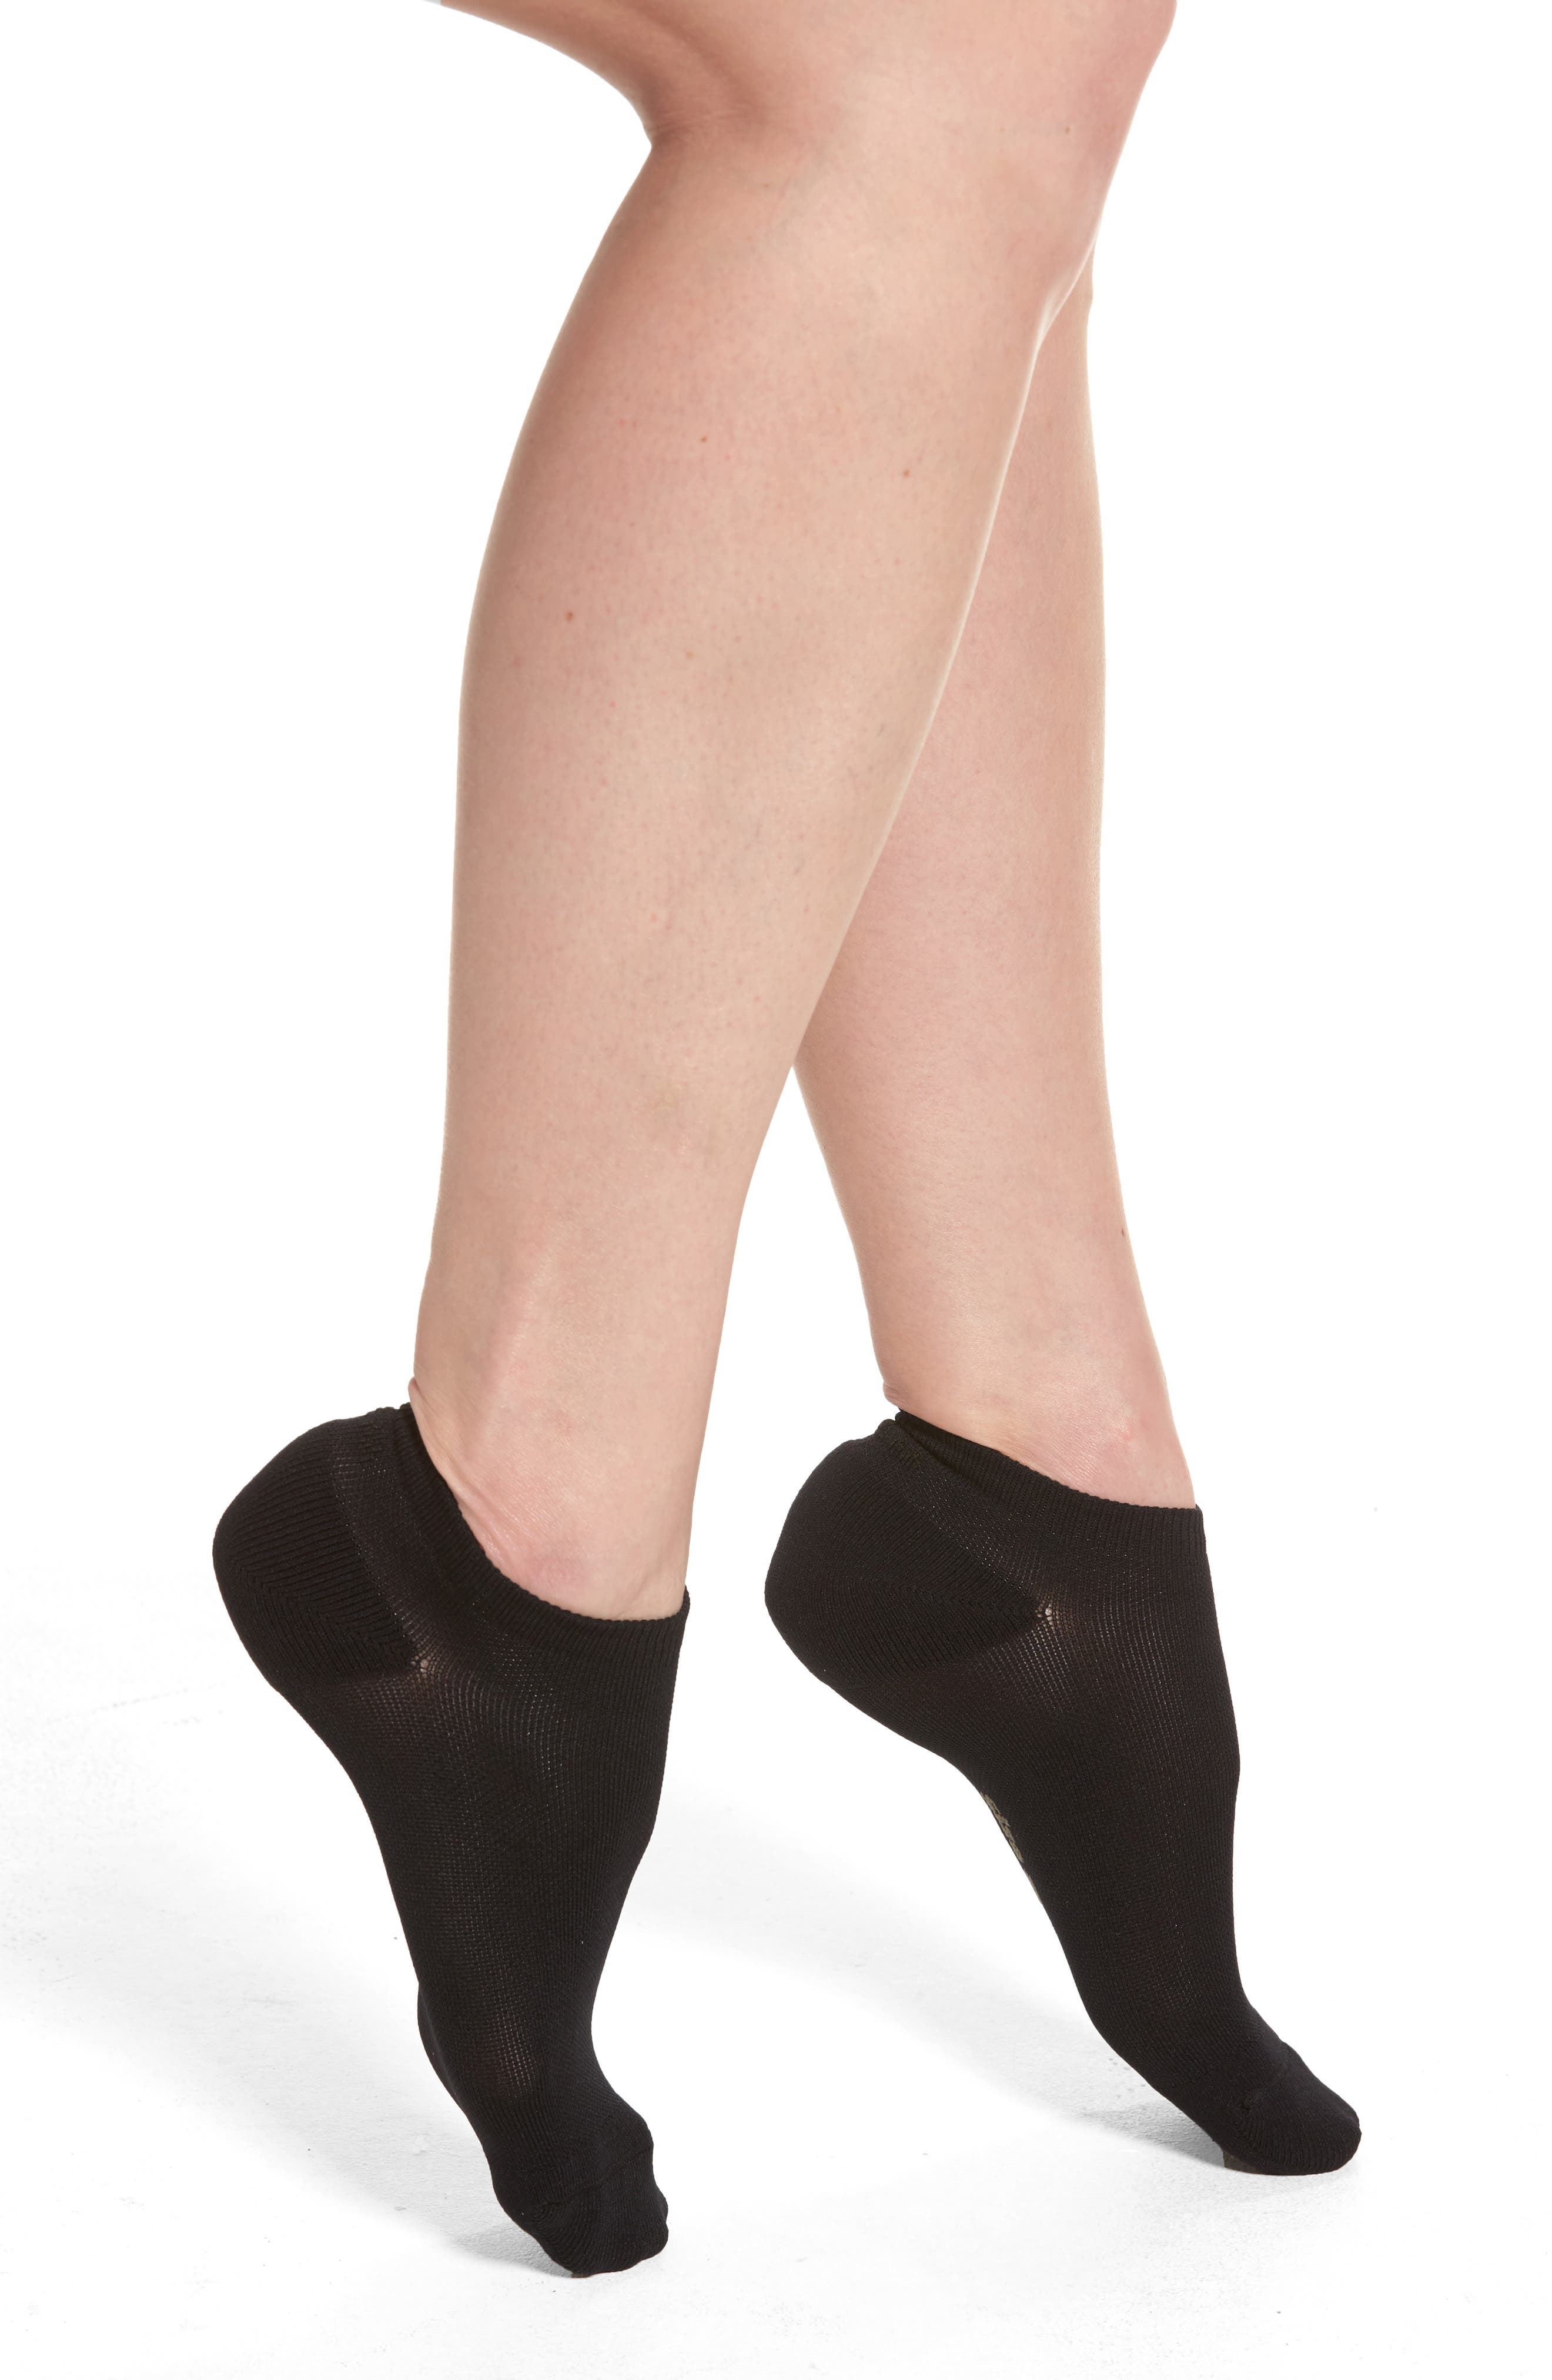 Low-Cut Socks,                         Main,                         color, BLACK